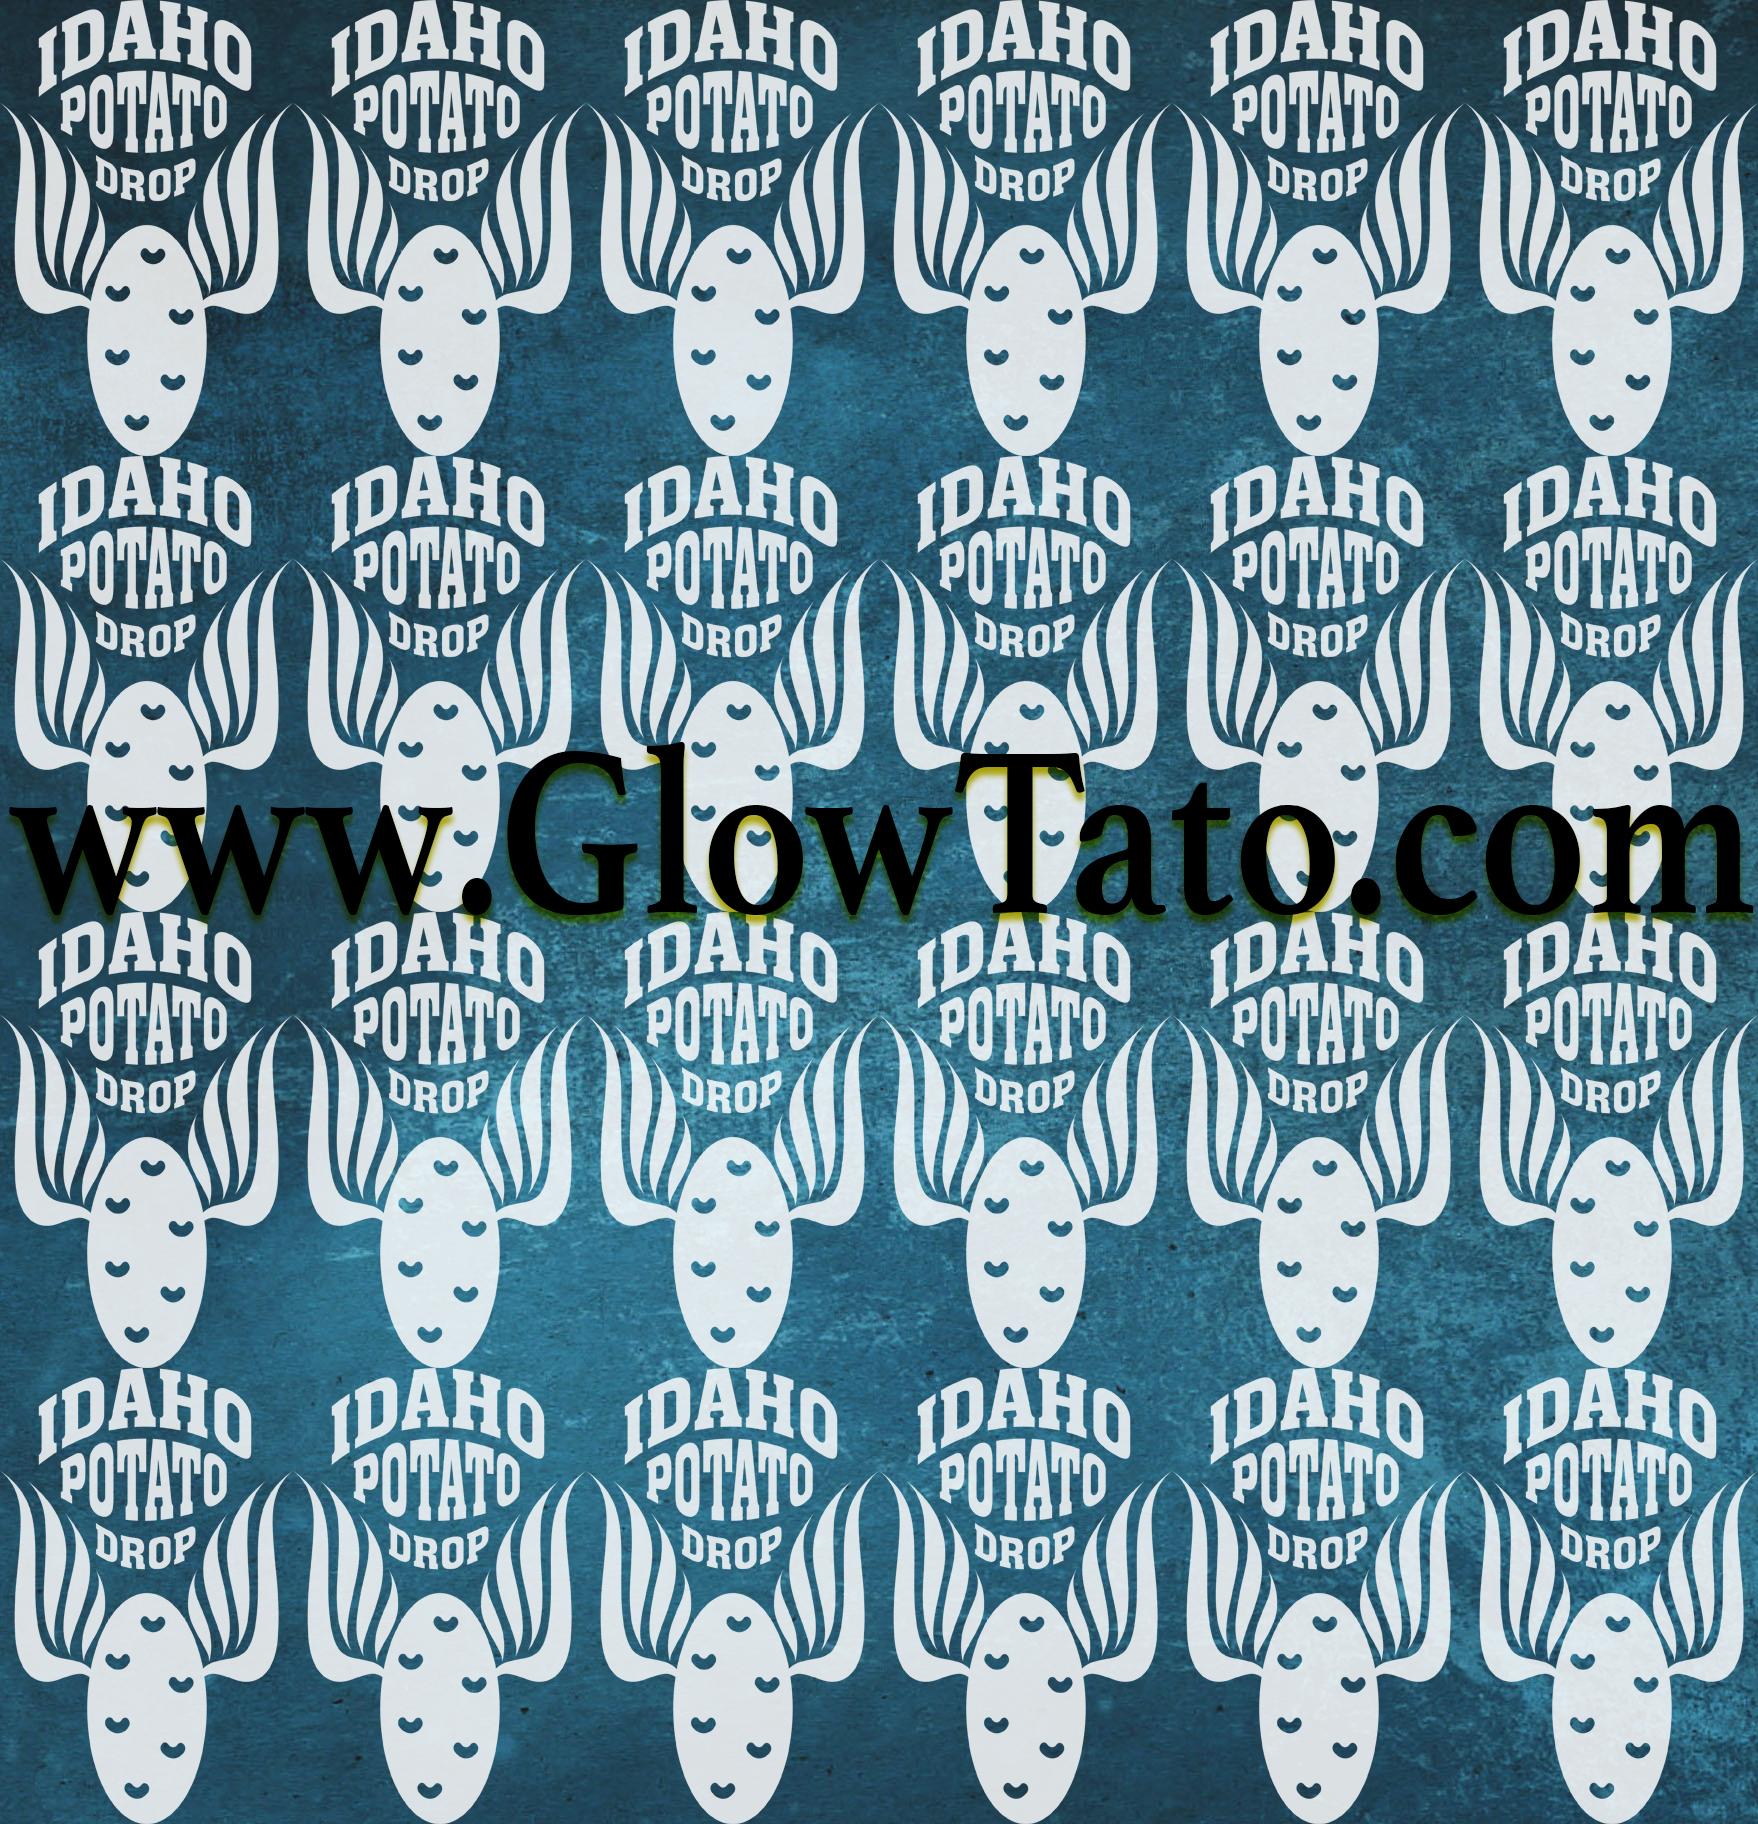 www-glowtato-com